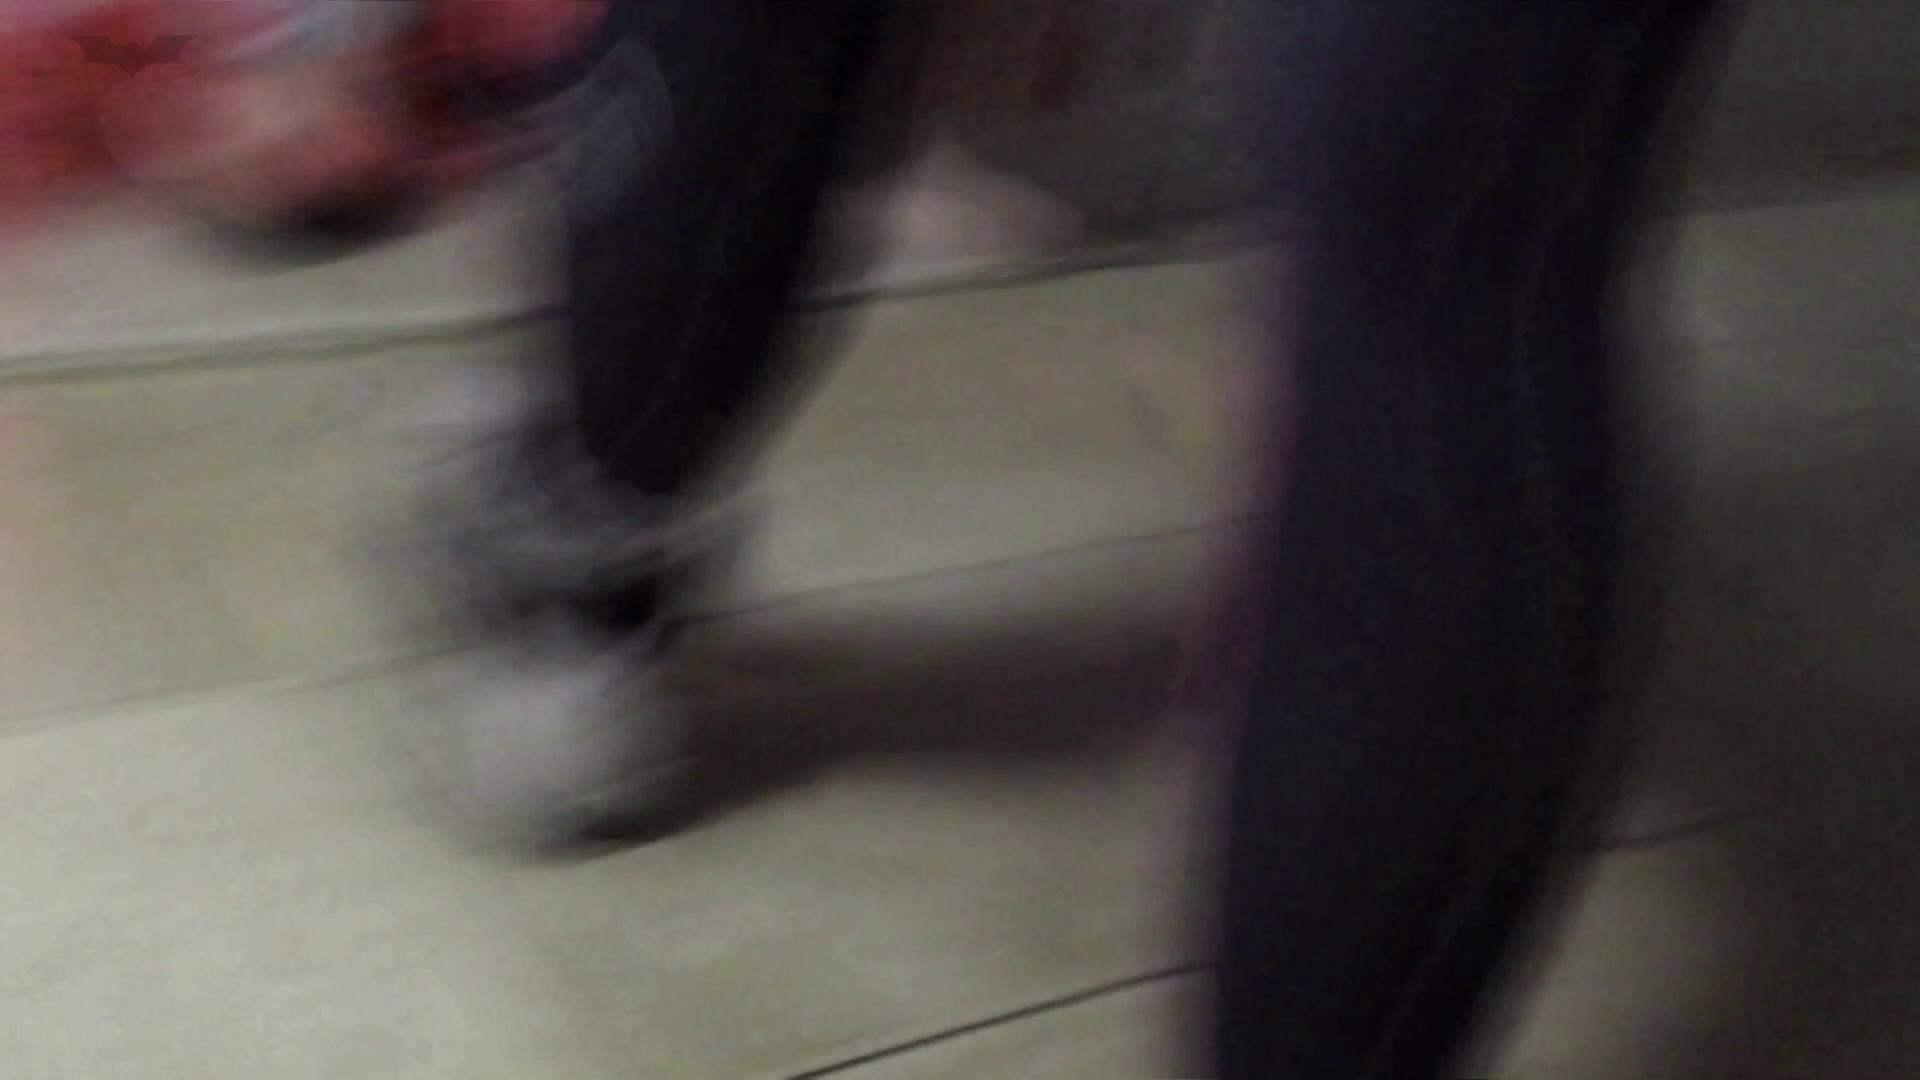 ▲復活限定▲マンコ丸見え!花火大会潜入撮 Vol.02 明るい場所に移動! 期間限定   マンコ  83画像 43